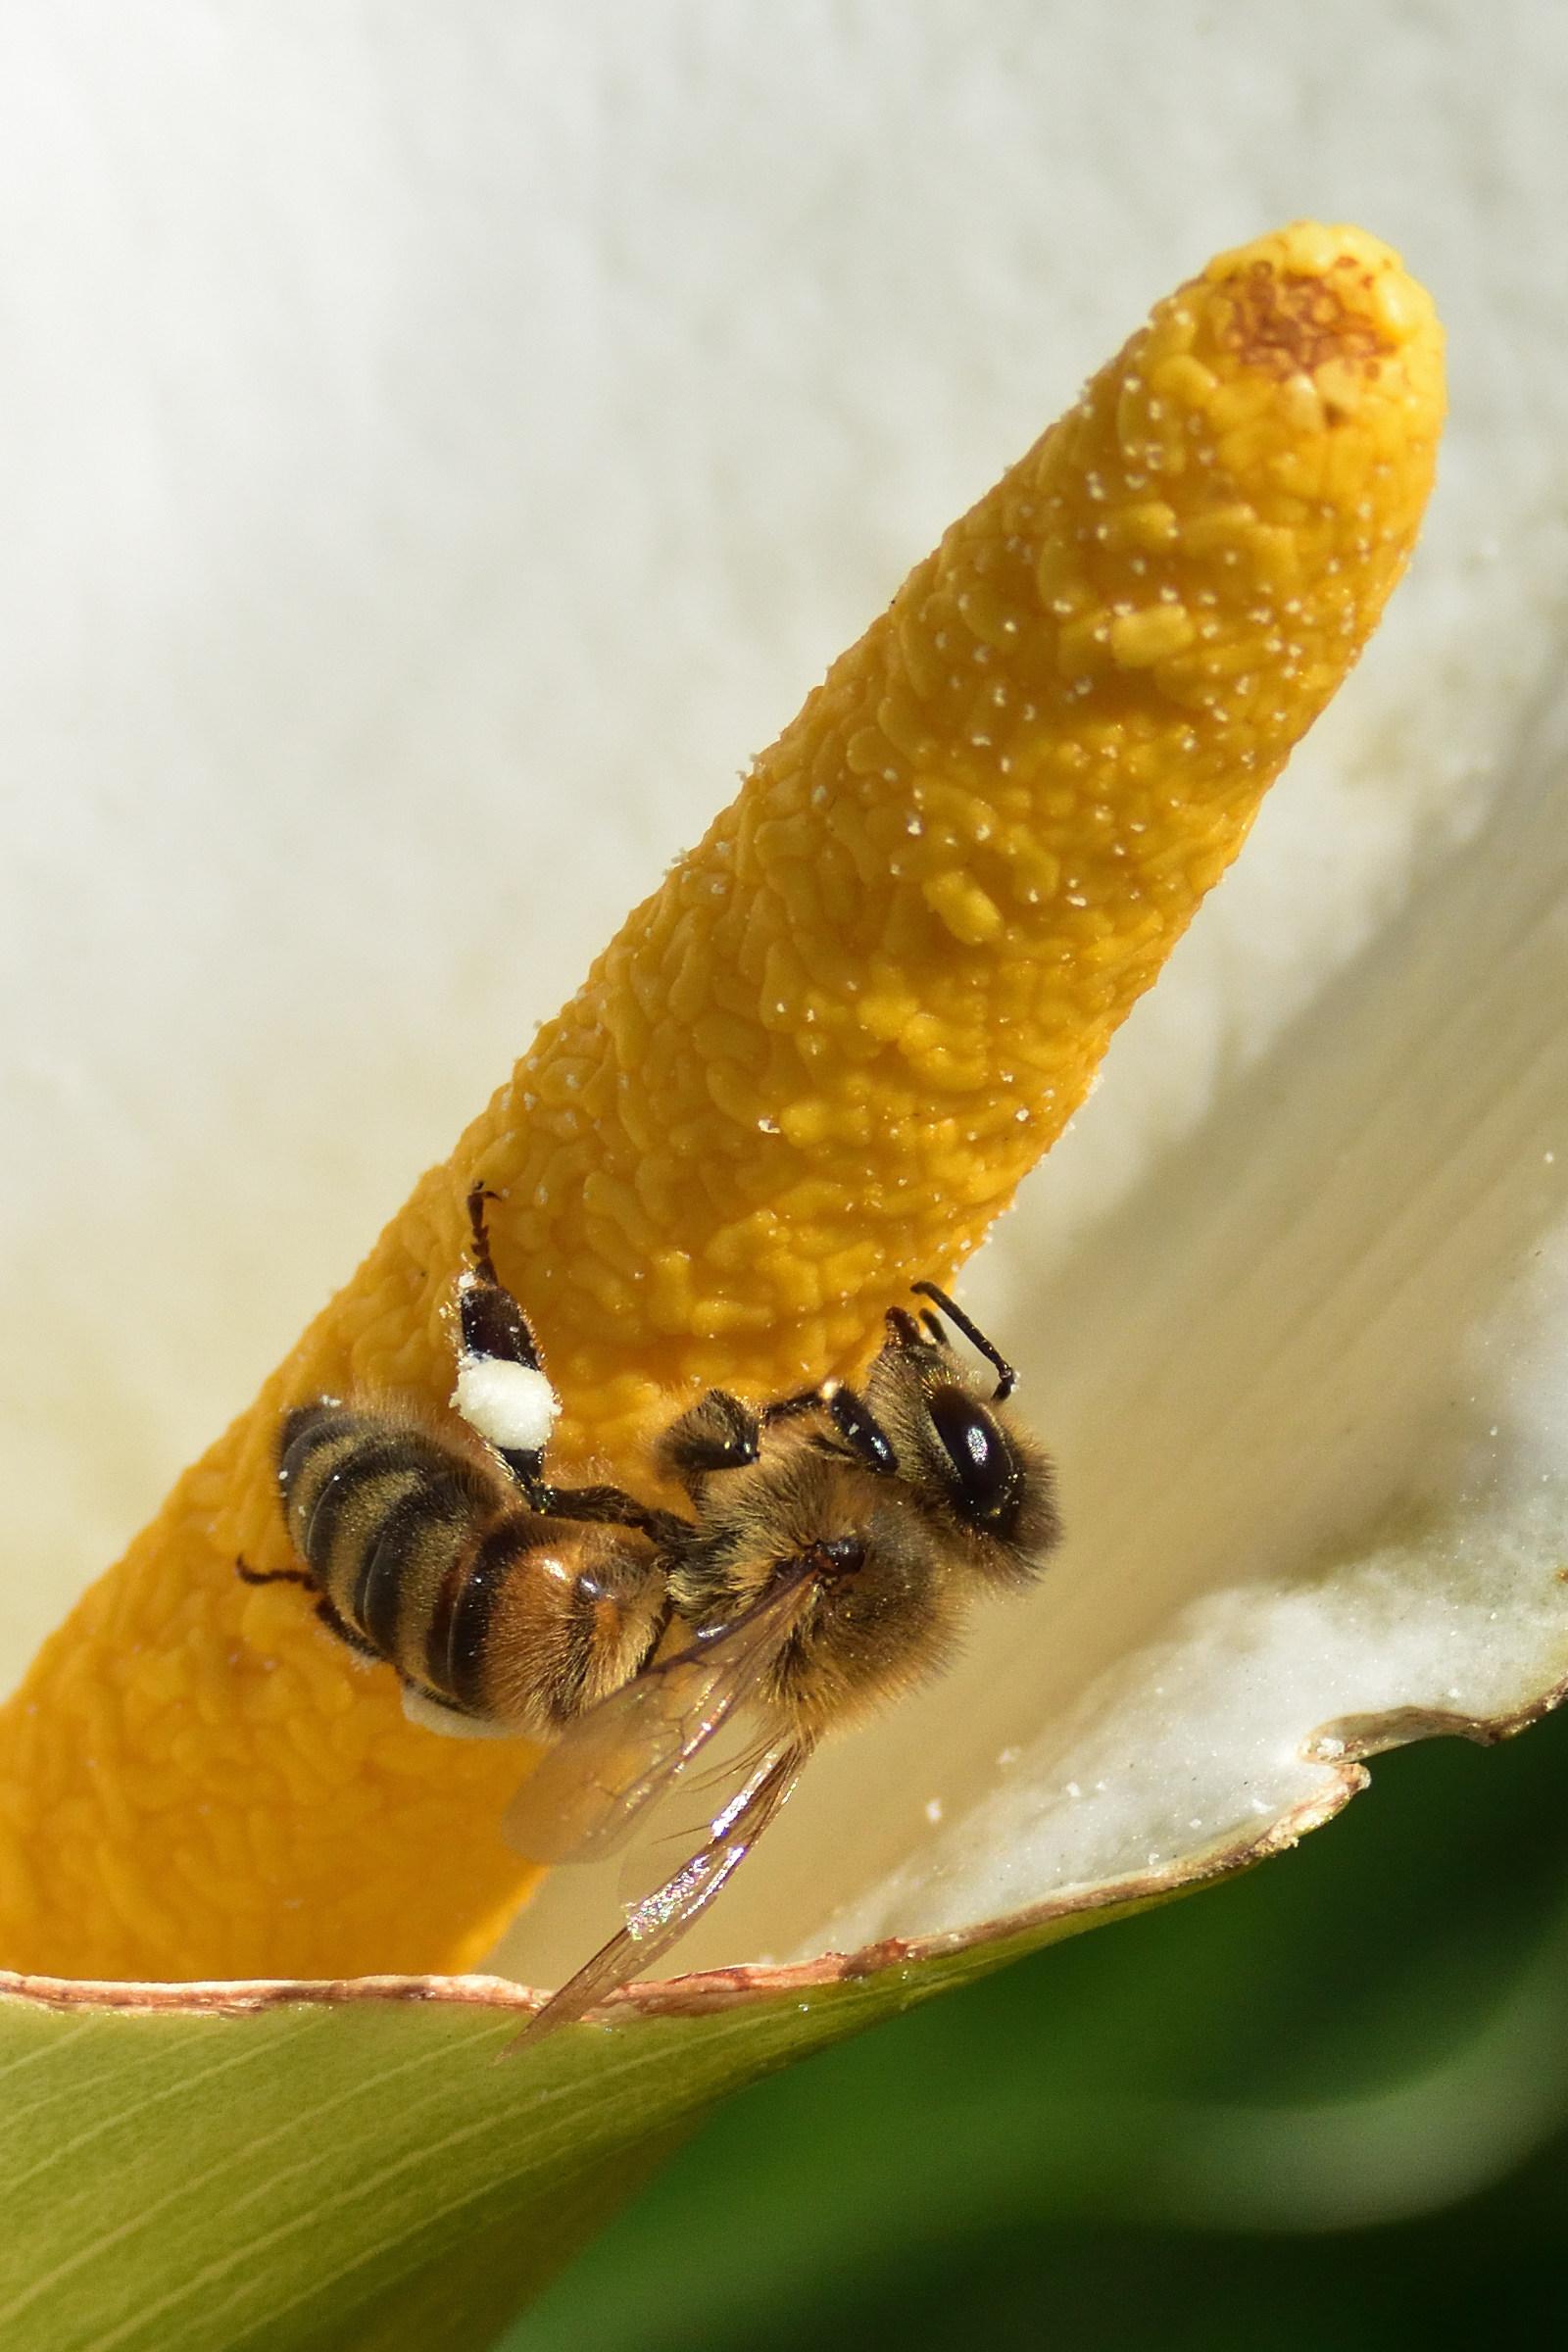 The Nectar...